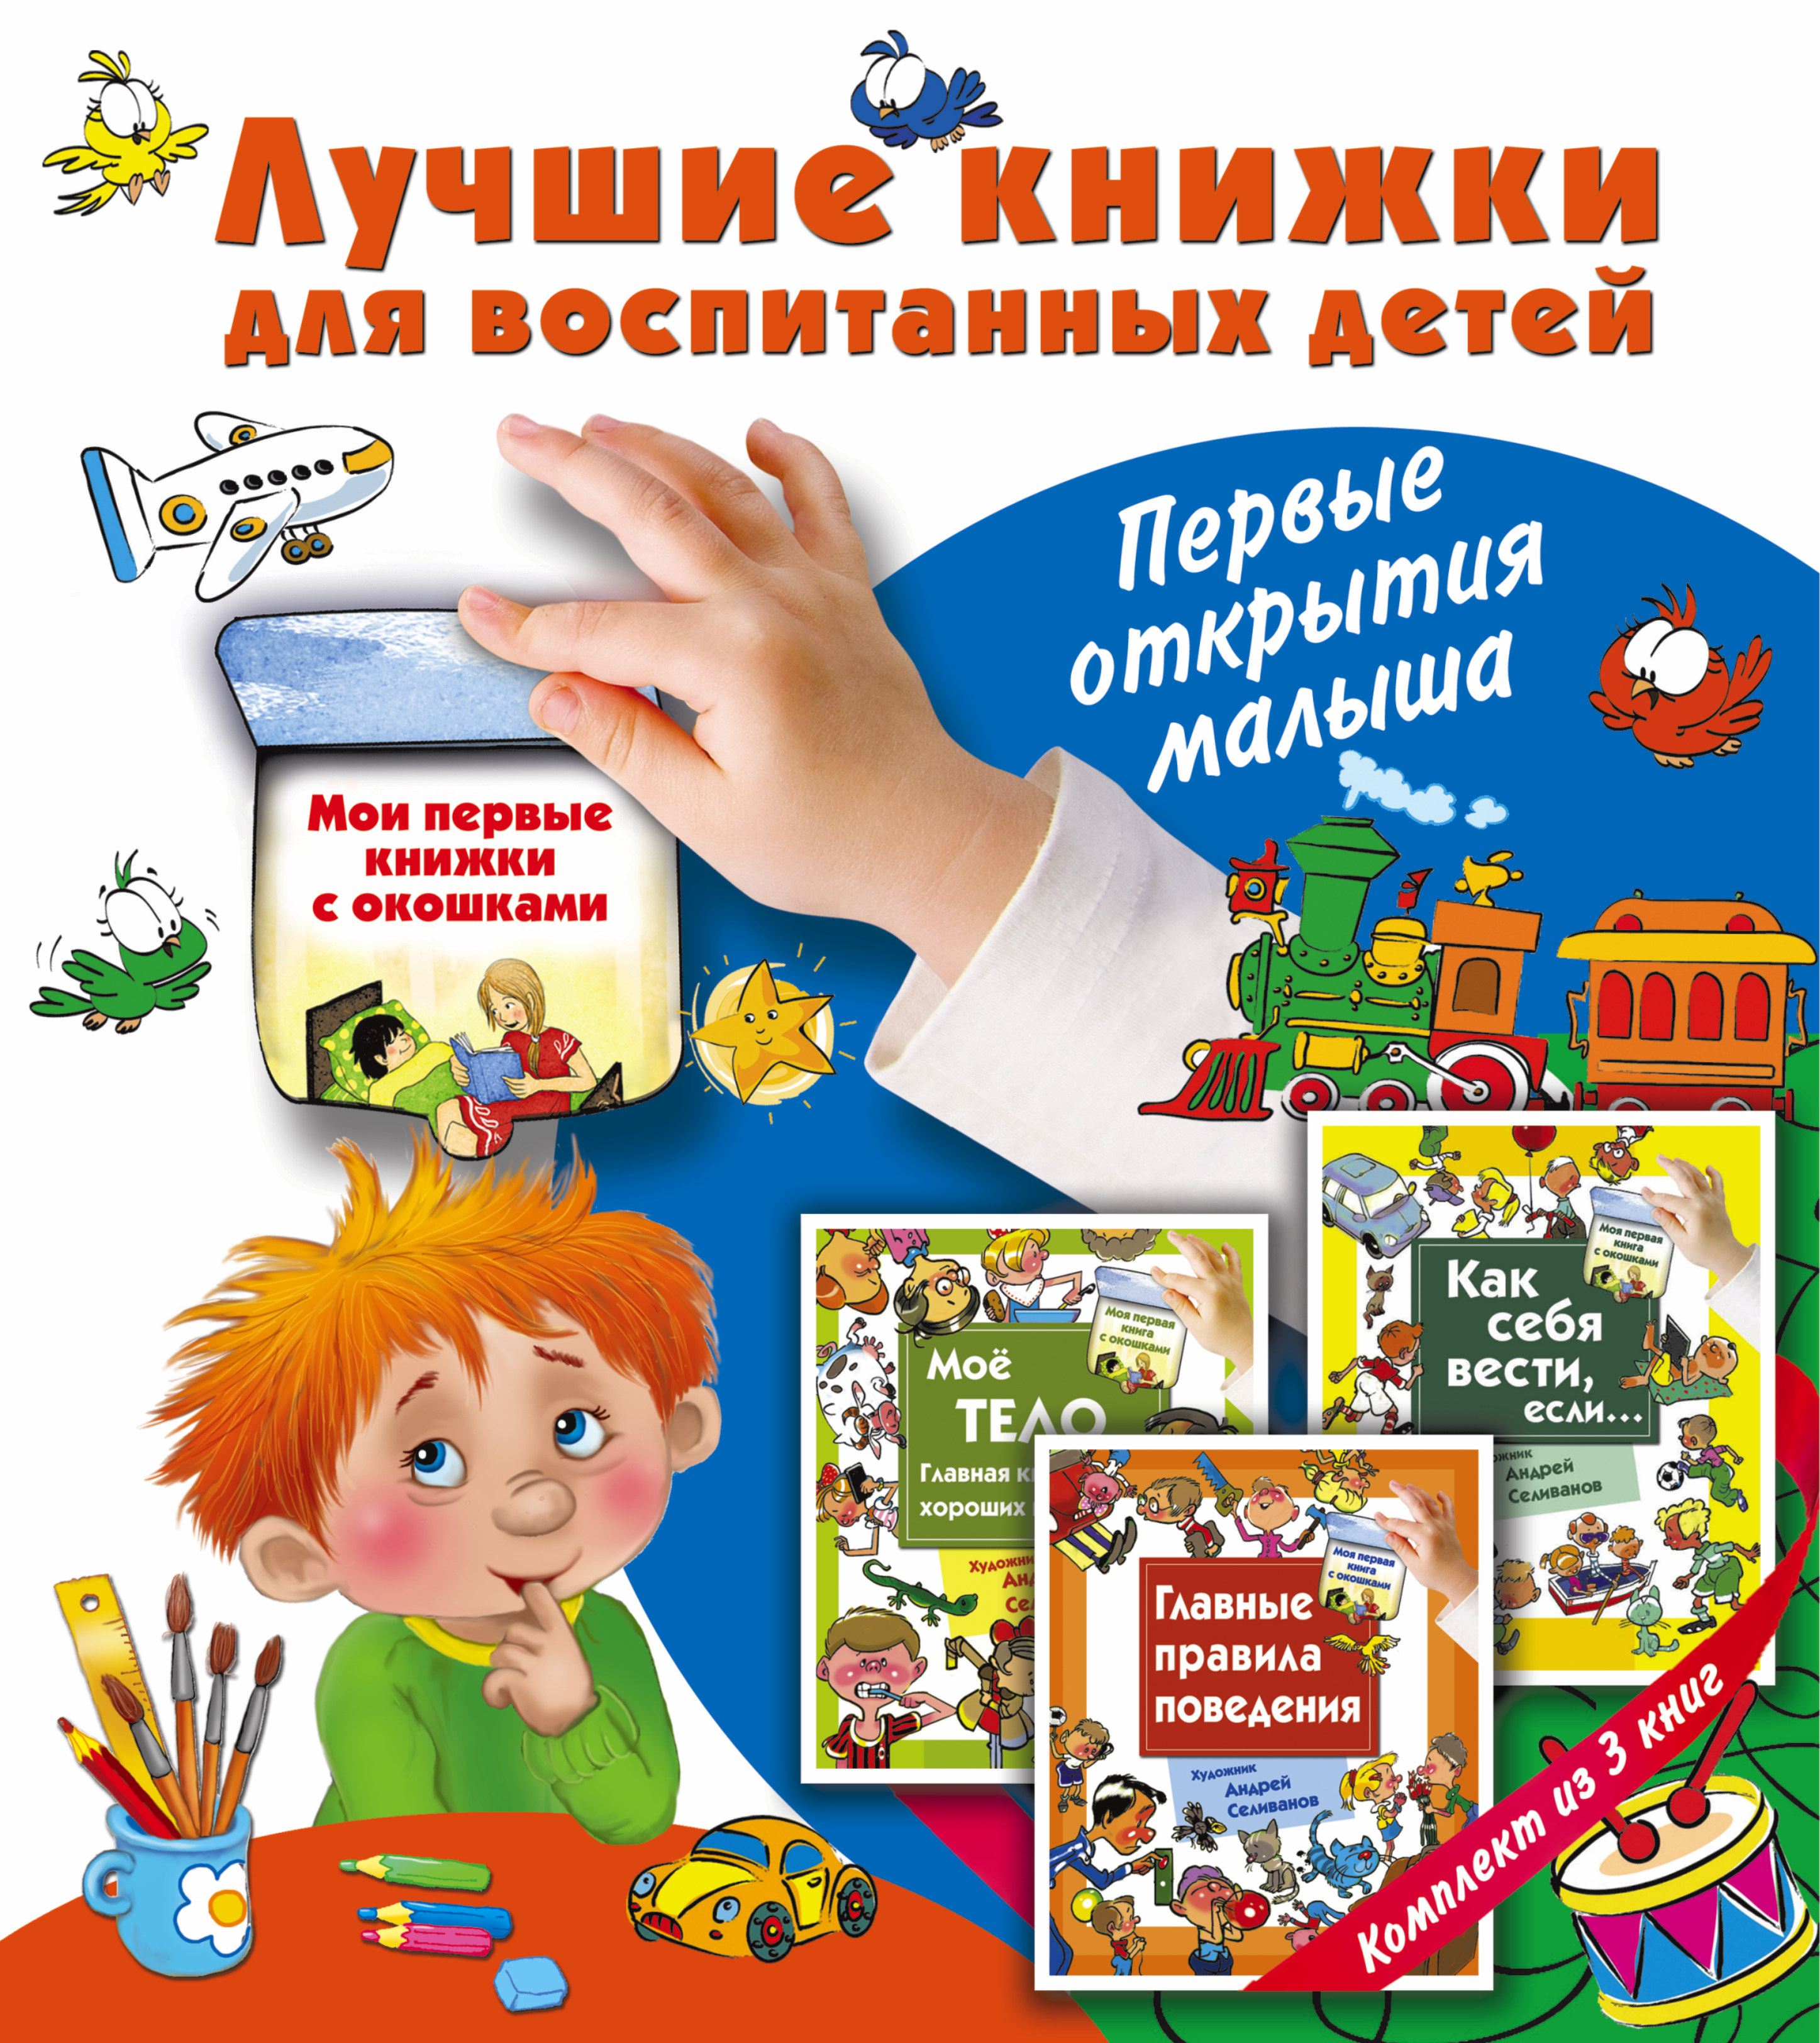 Лучшие книжки для воспитанных детей. Первые открытия малыша (комплект из 3 книг) цена